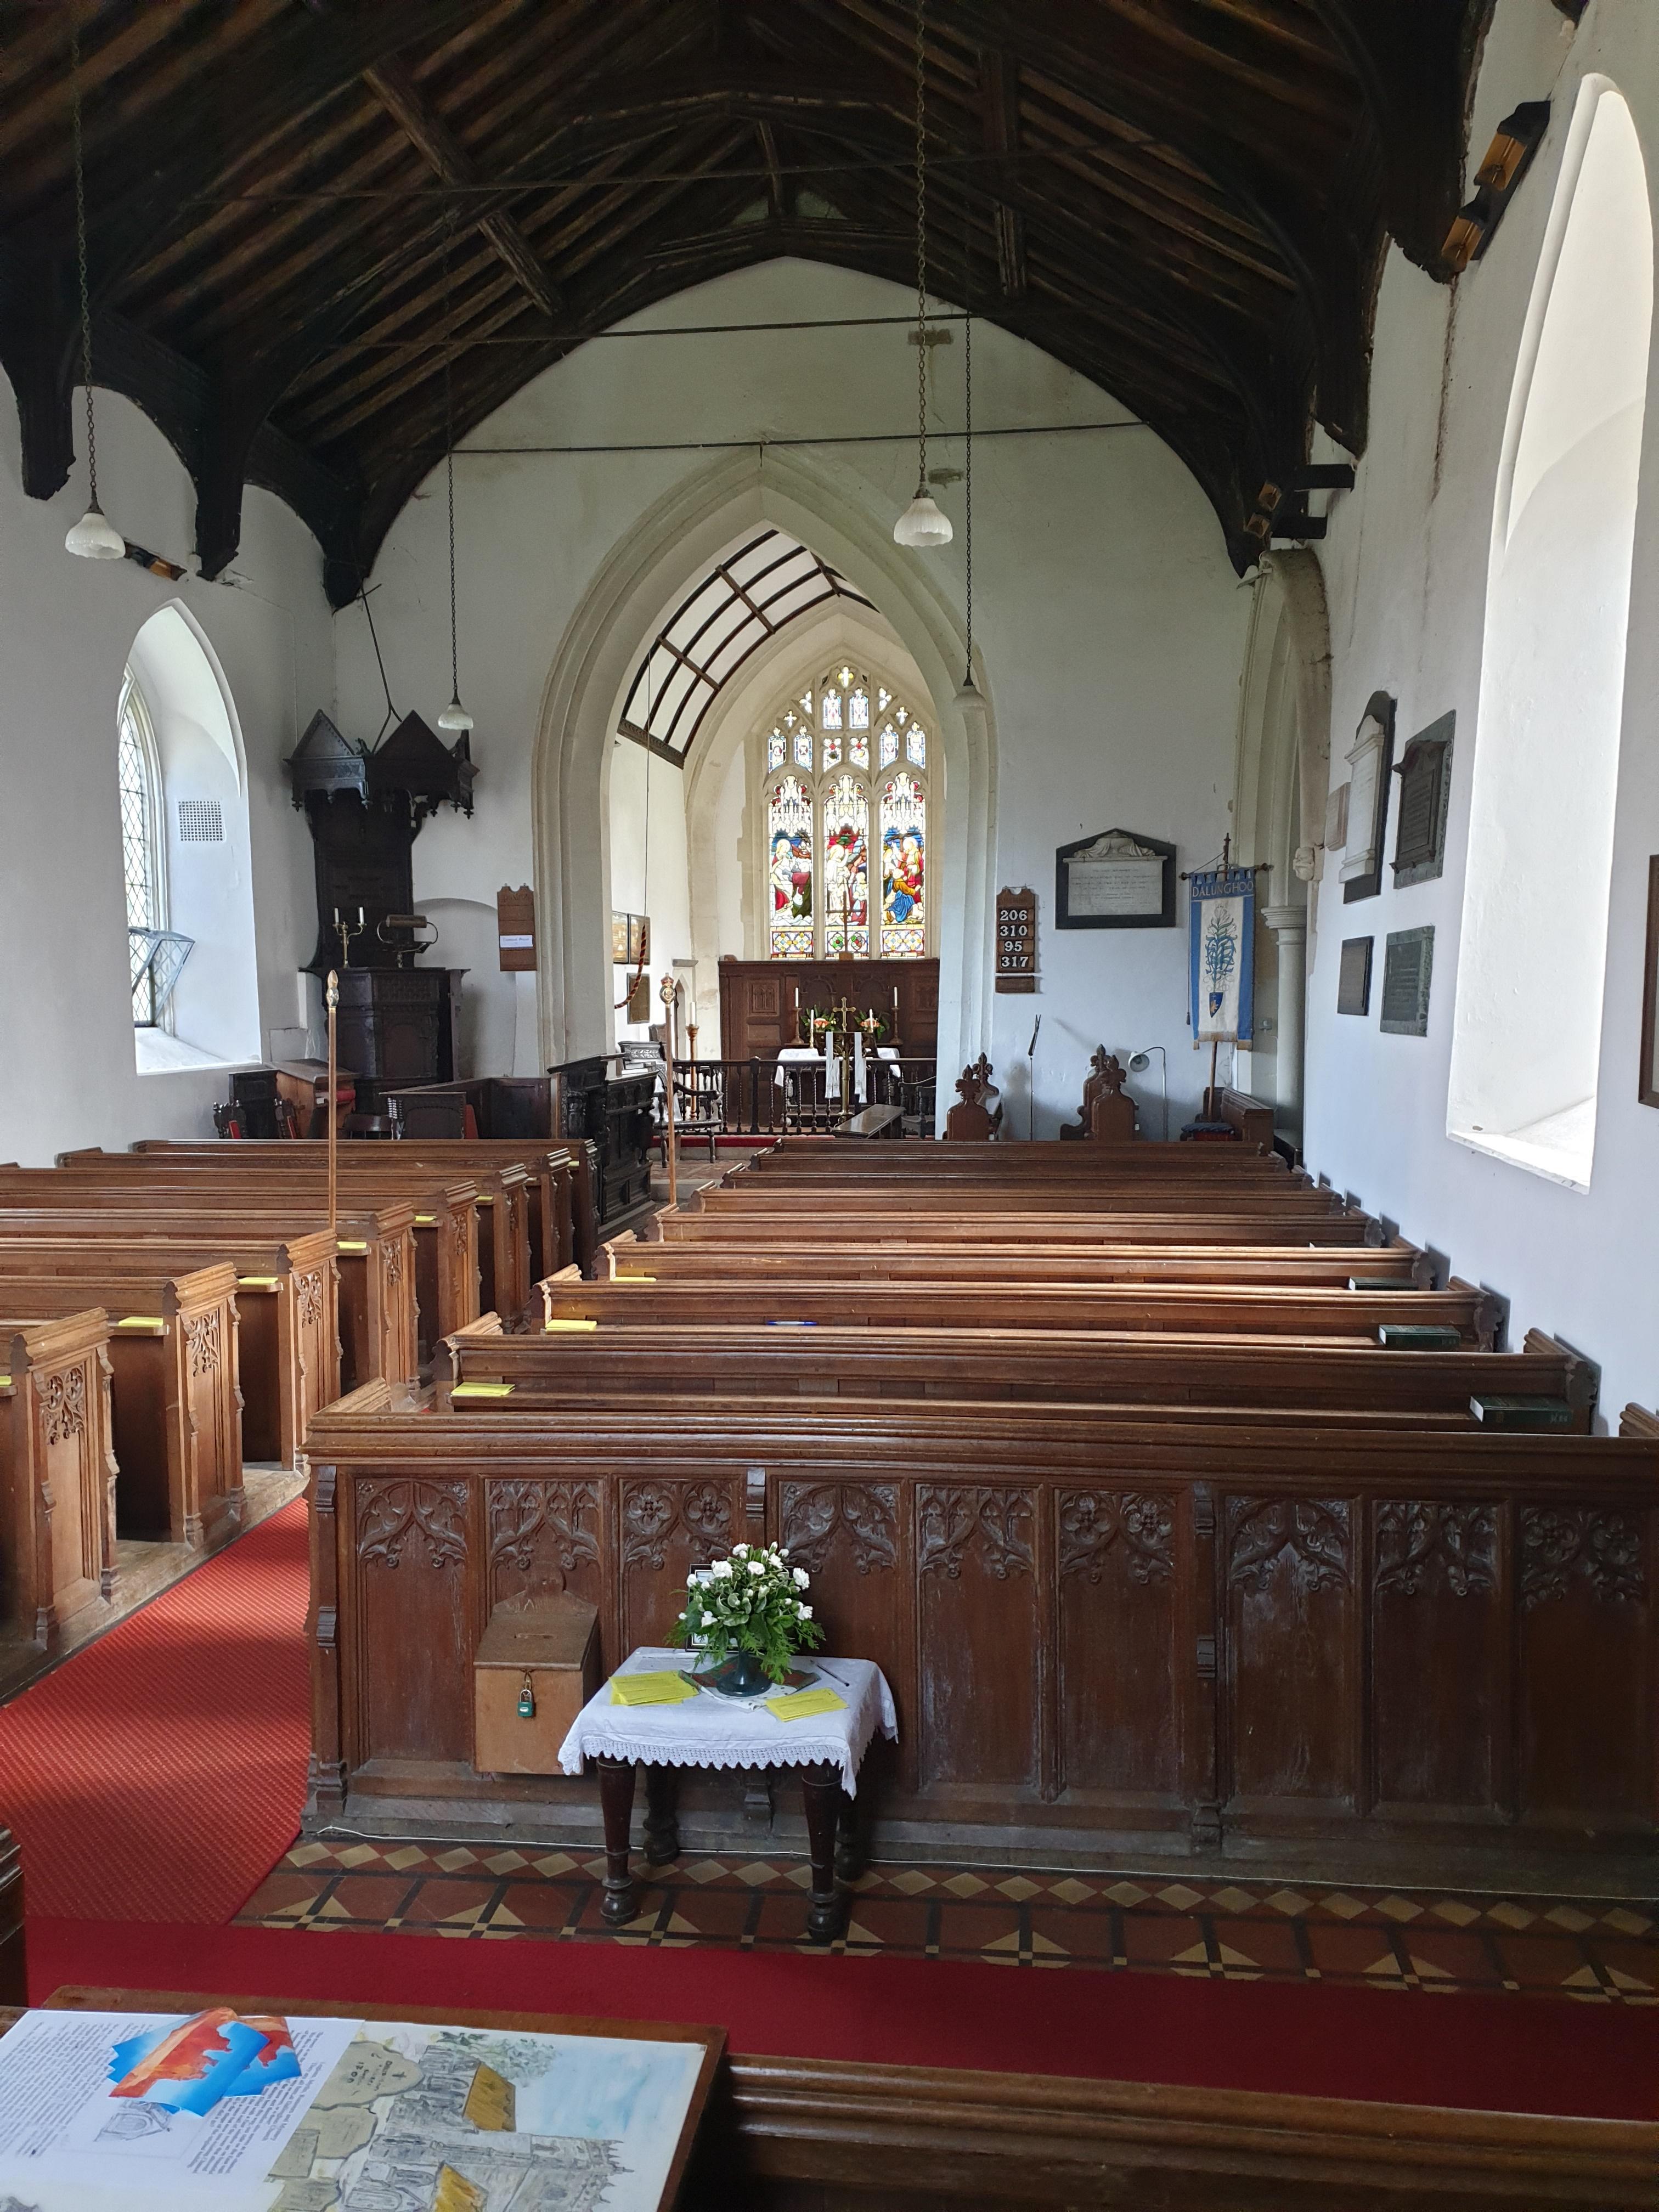 Sullfolk, Dallinghoo St Mary church (please credit church)